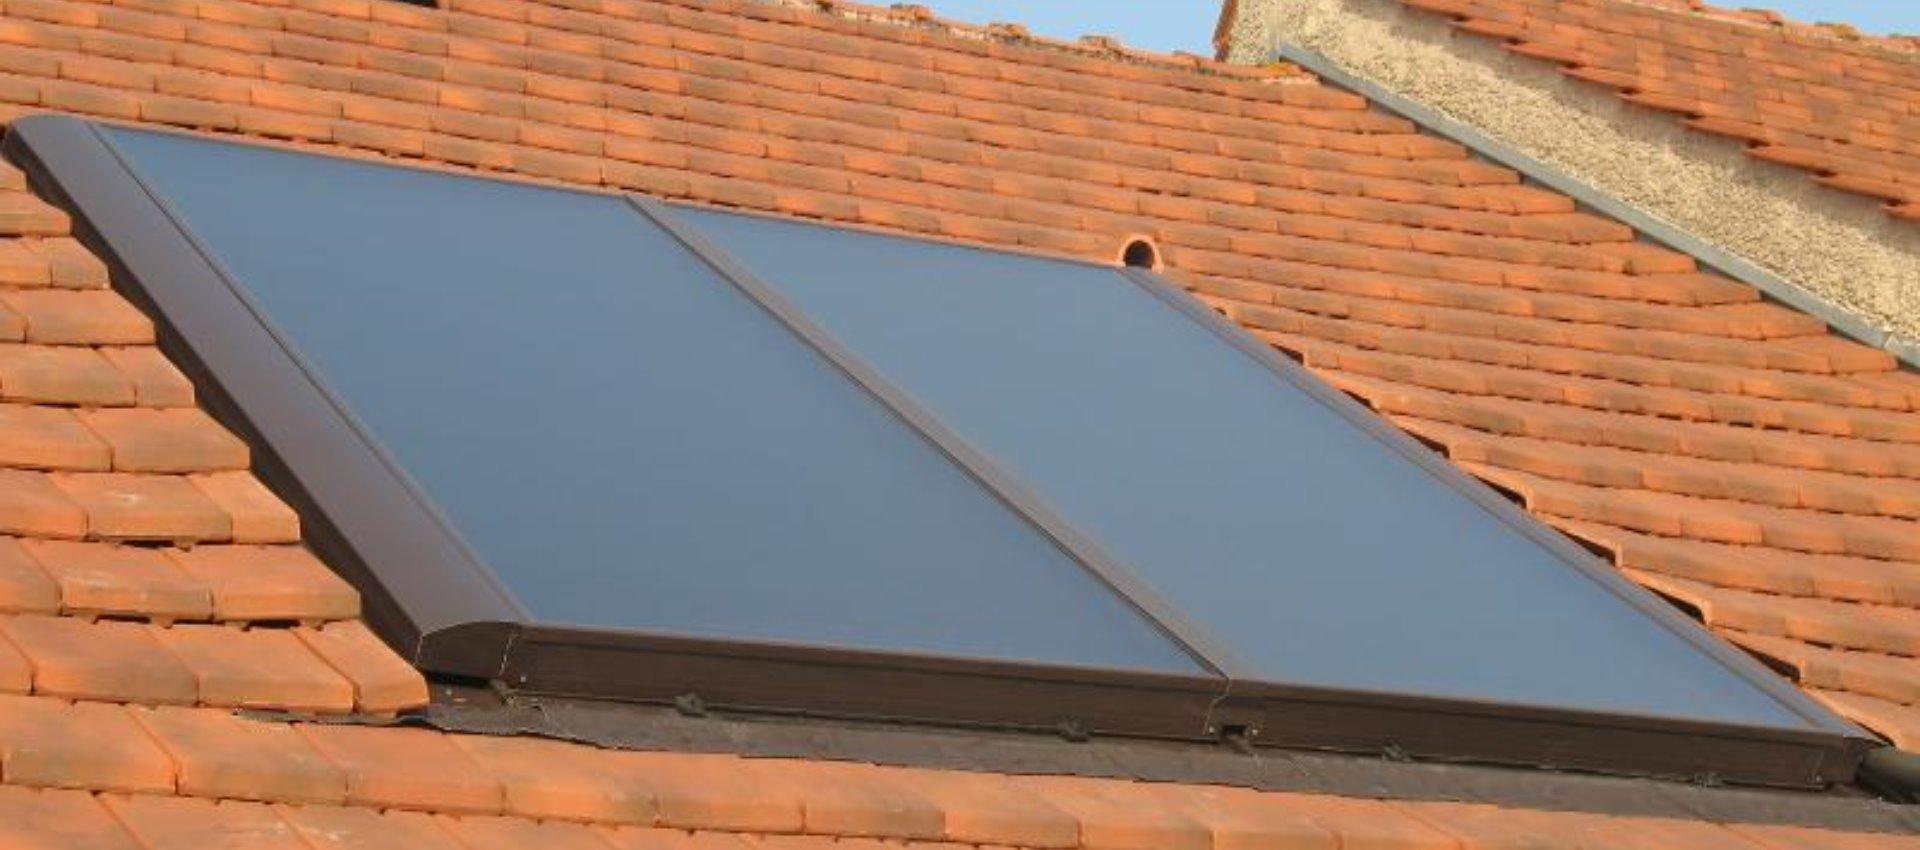 Solaire Thermique - Chauffe-eau solaire